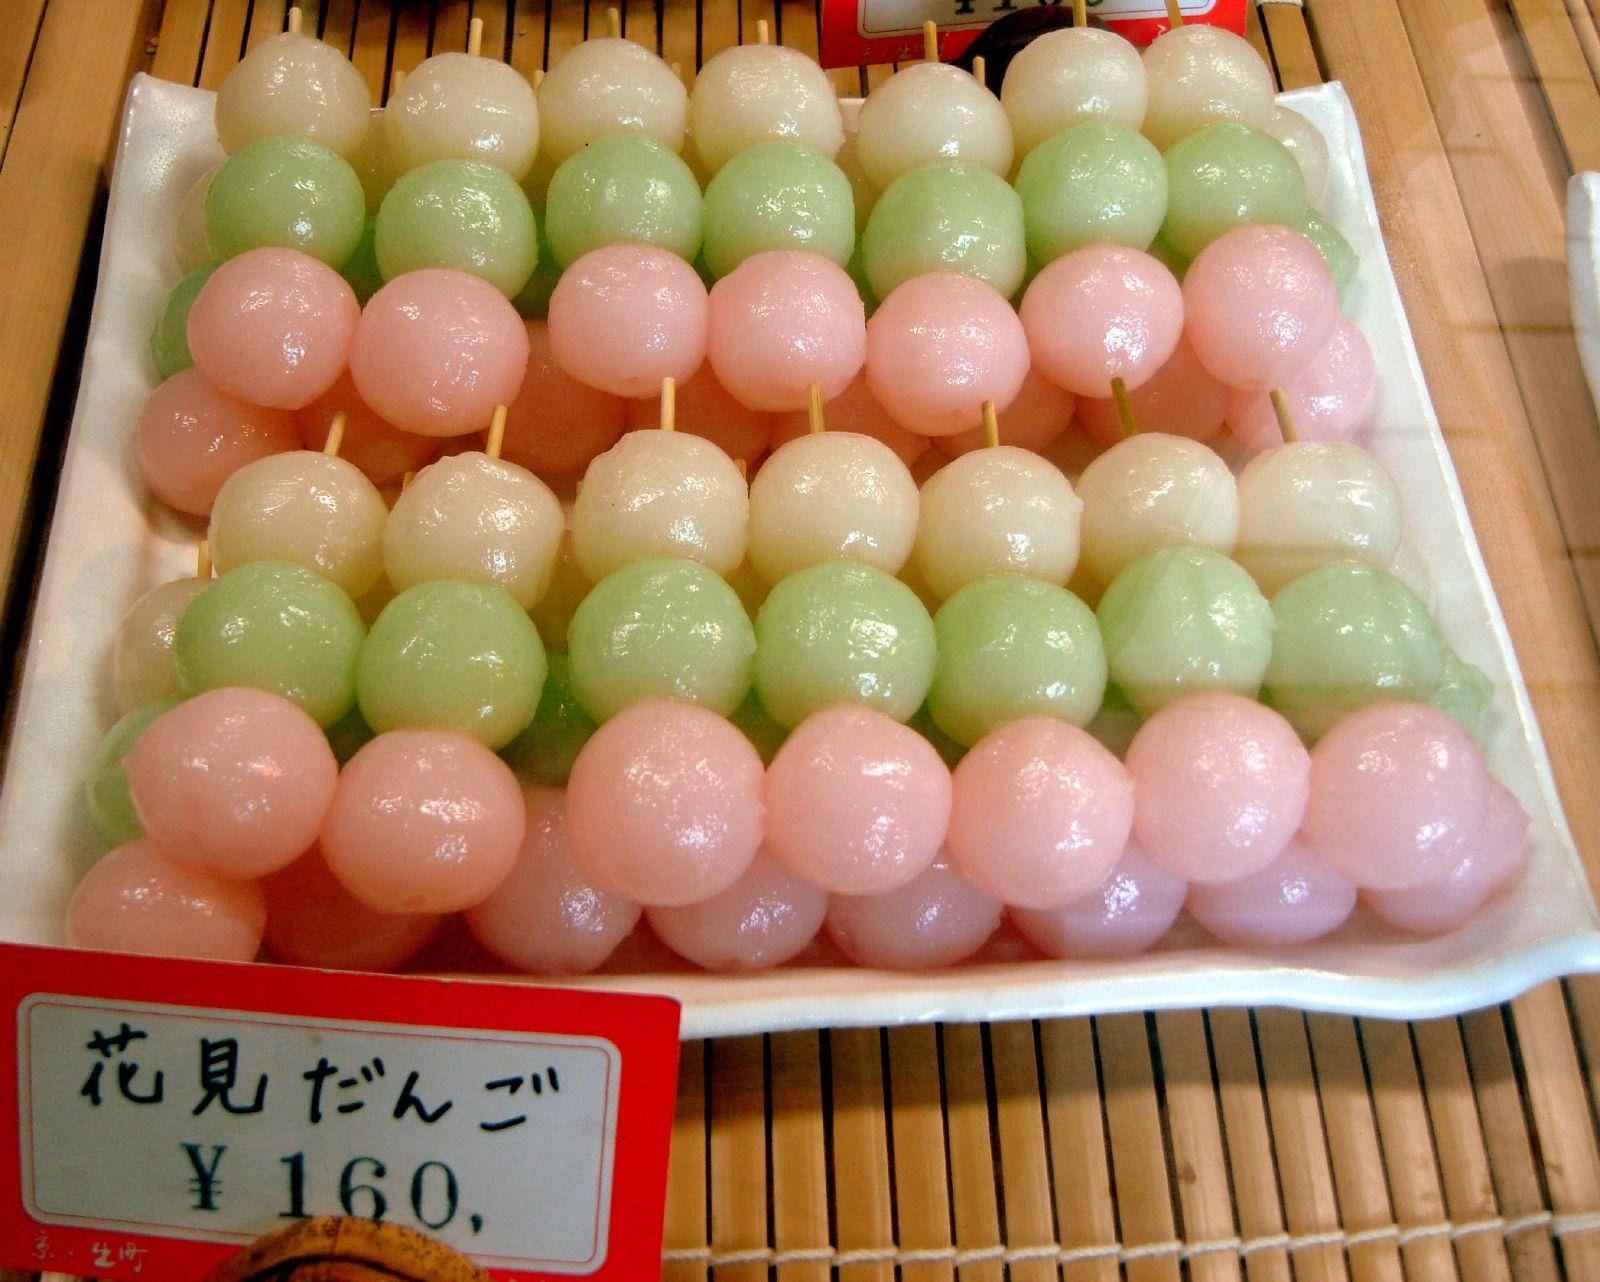 dulces japoneses n.n